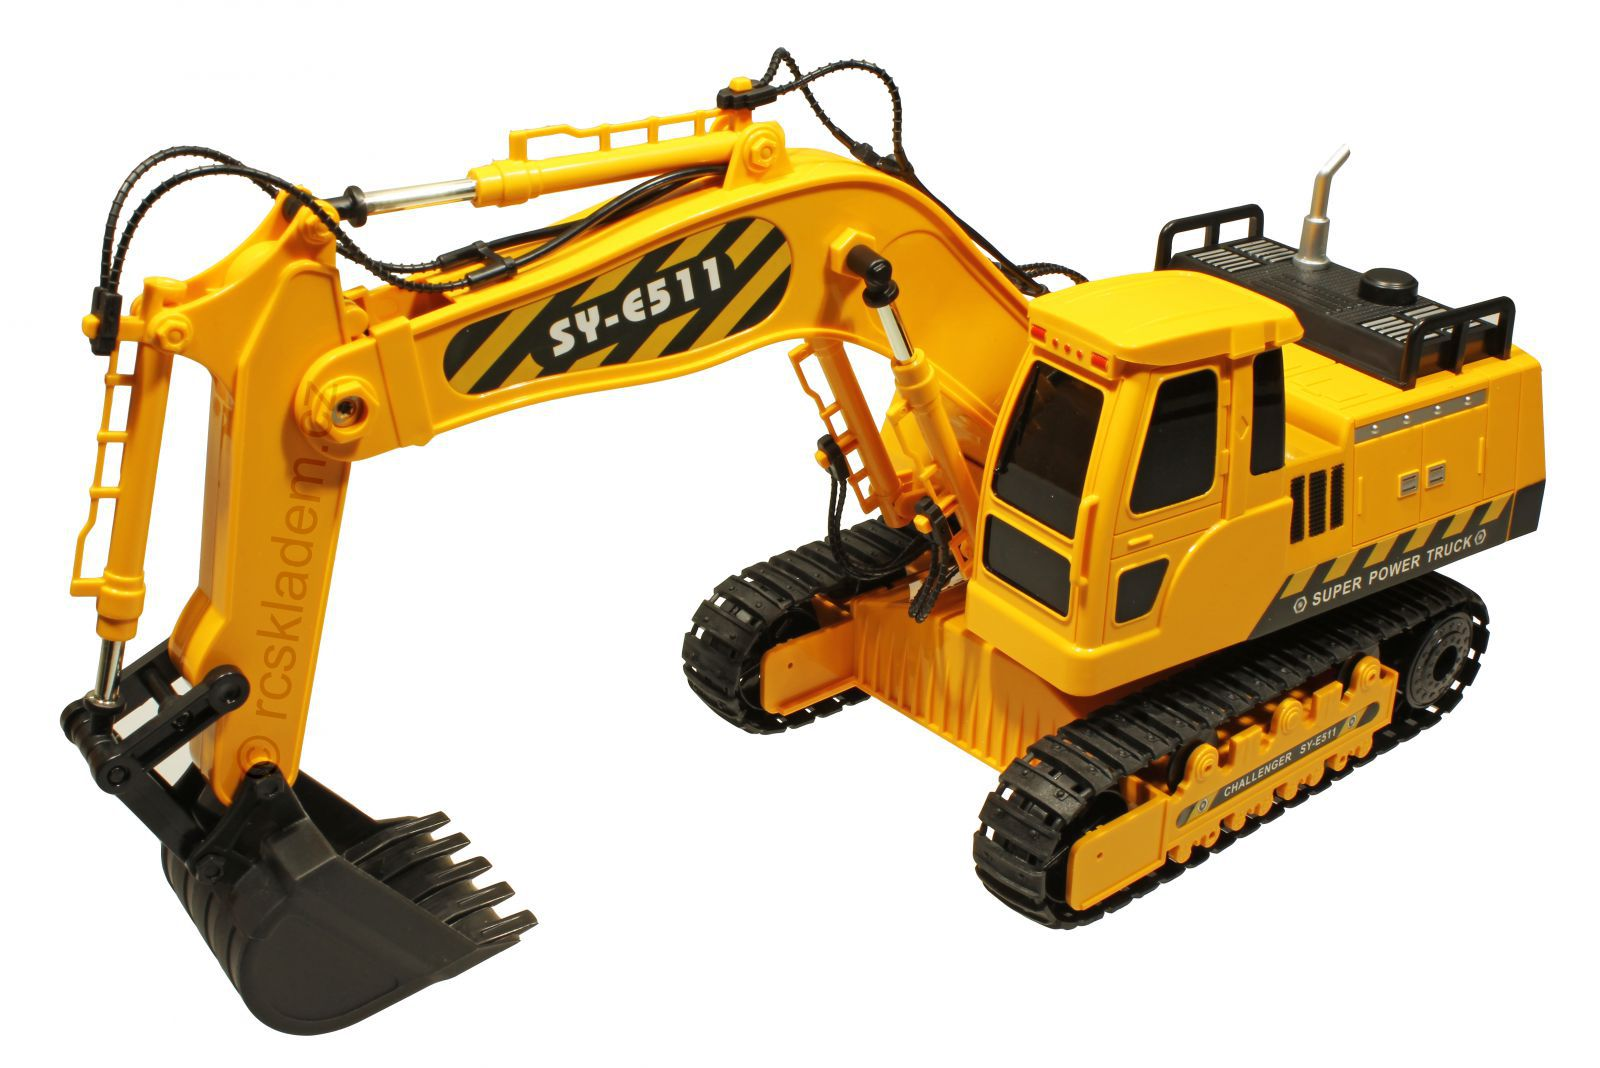 Excavator SY-E511